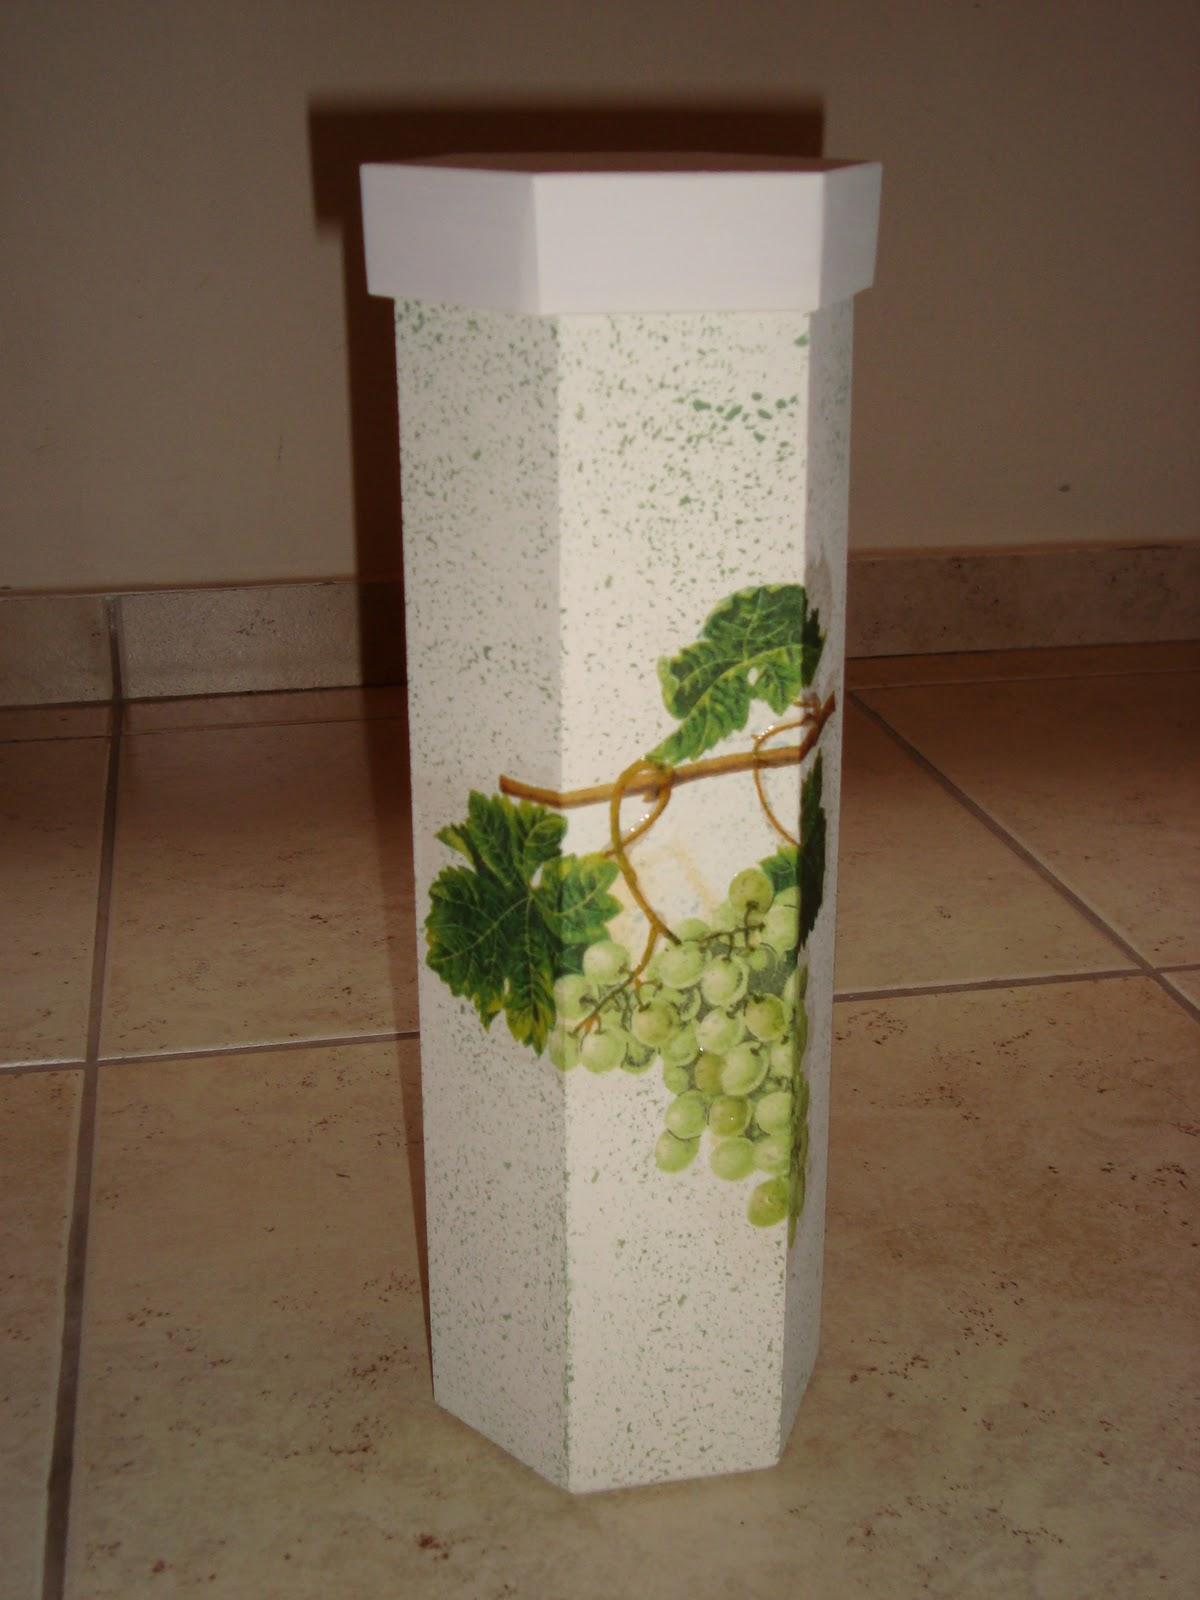 Sierra Artesanato em Madeira: Caixa de vinho #957336 1200x1600